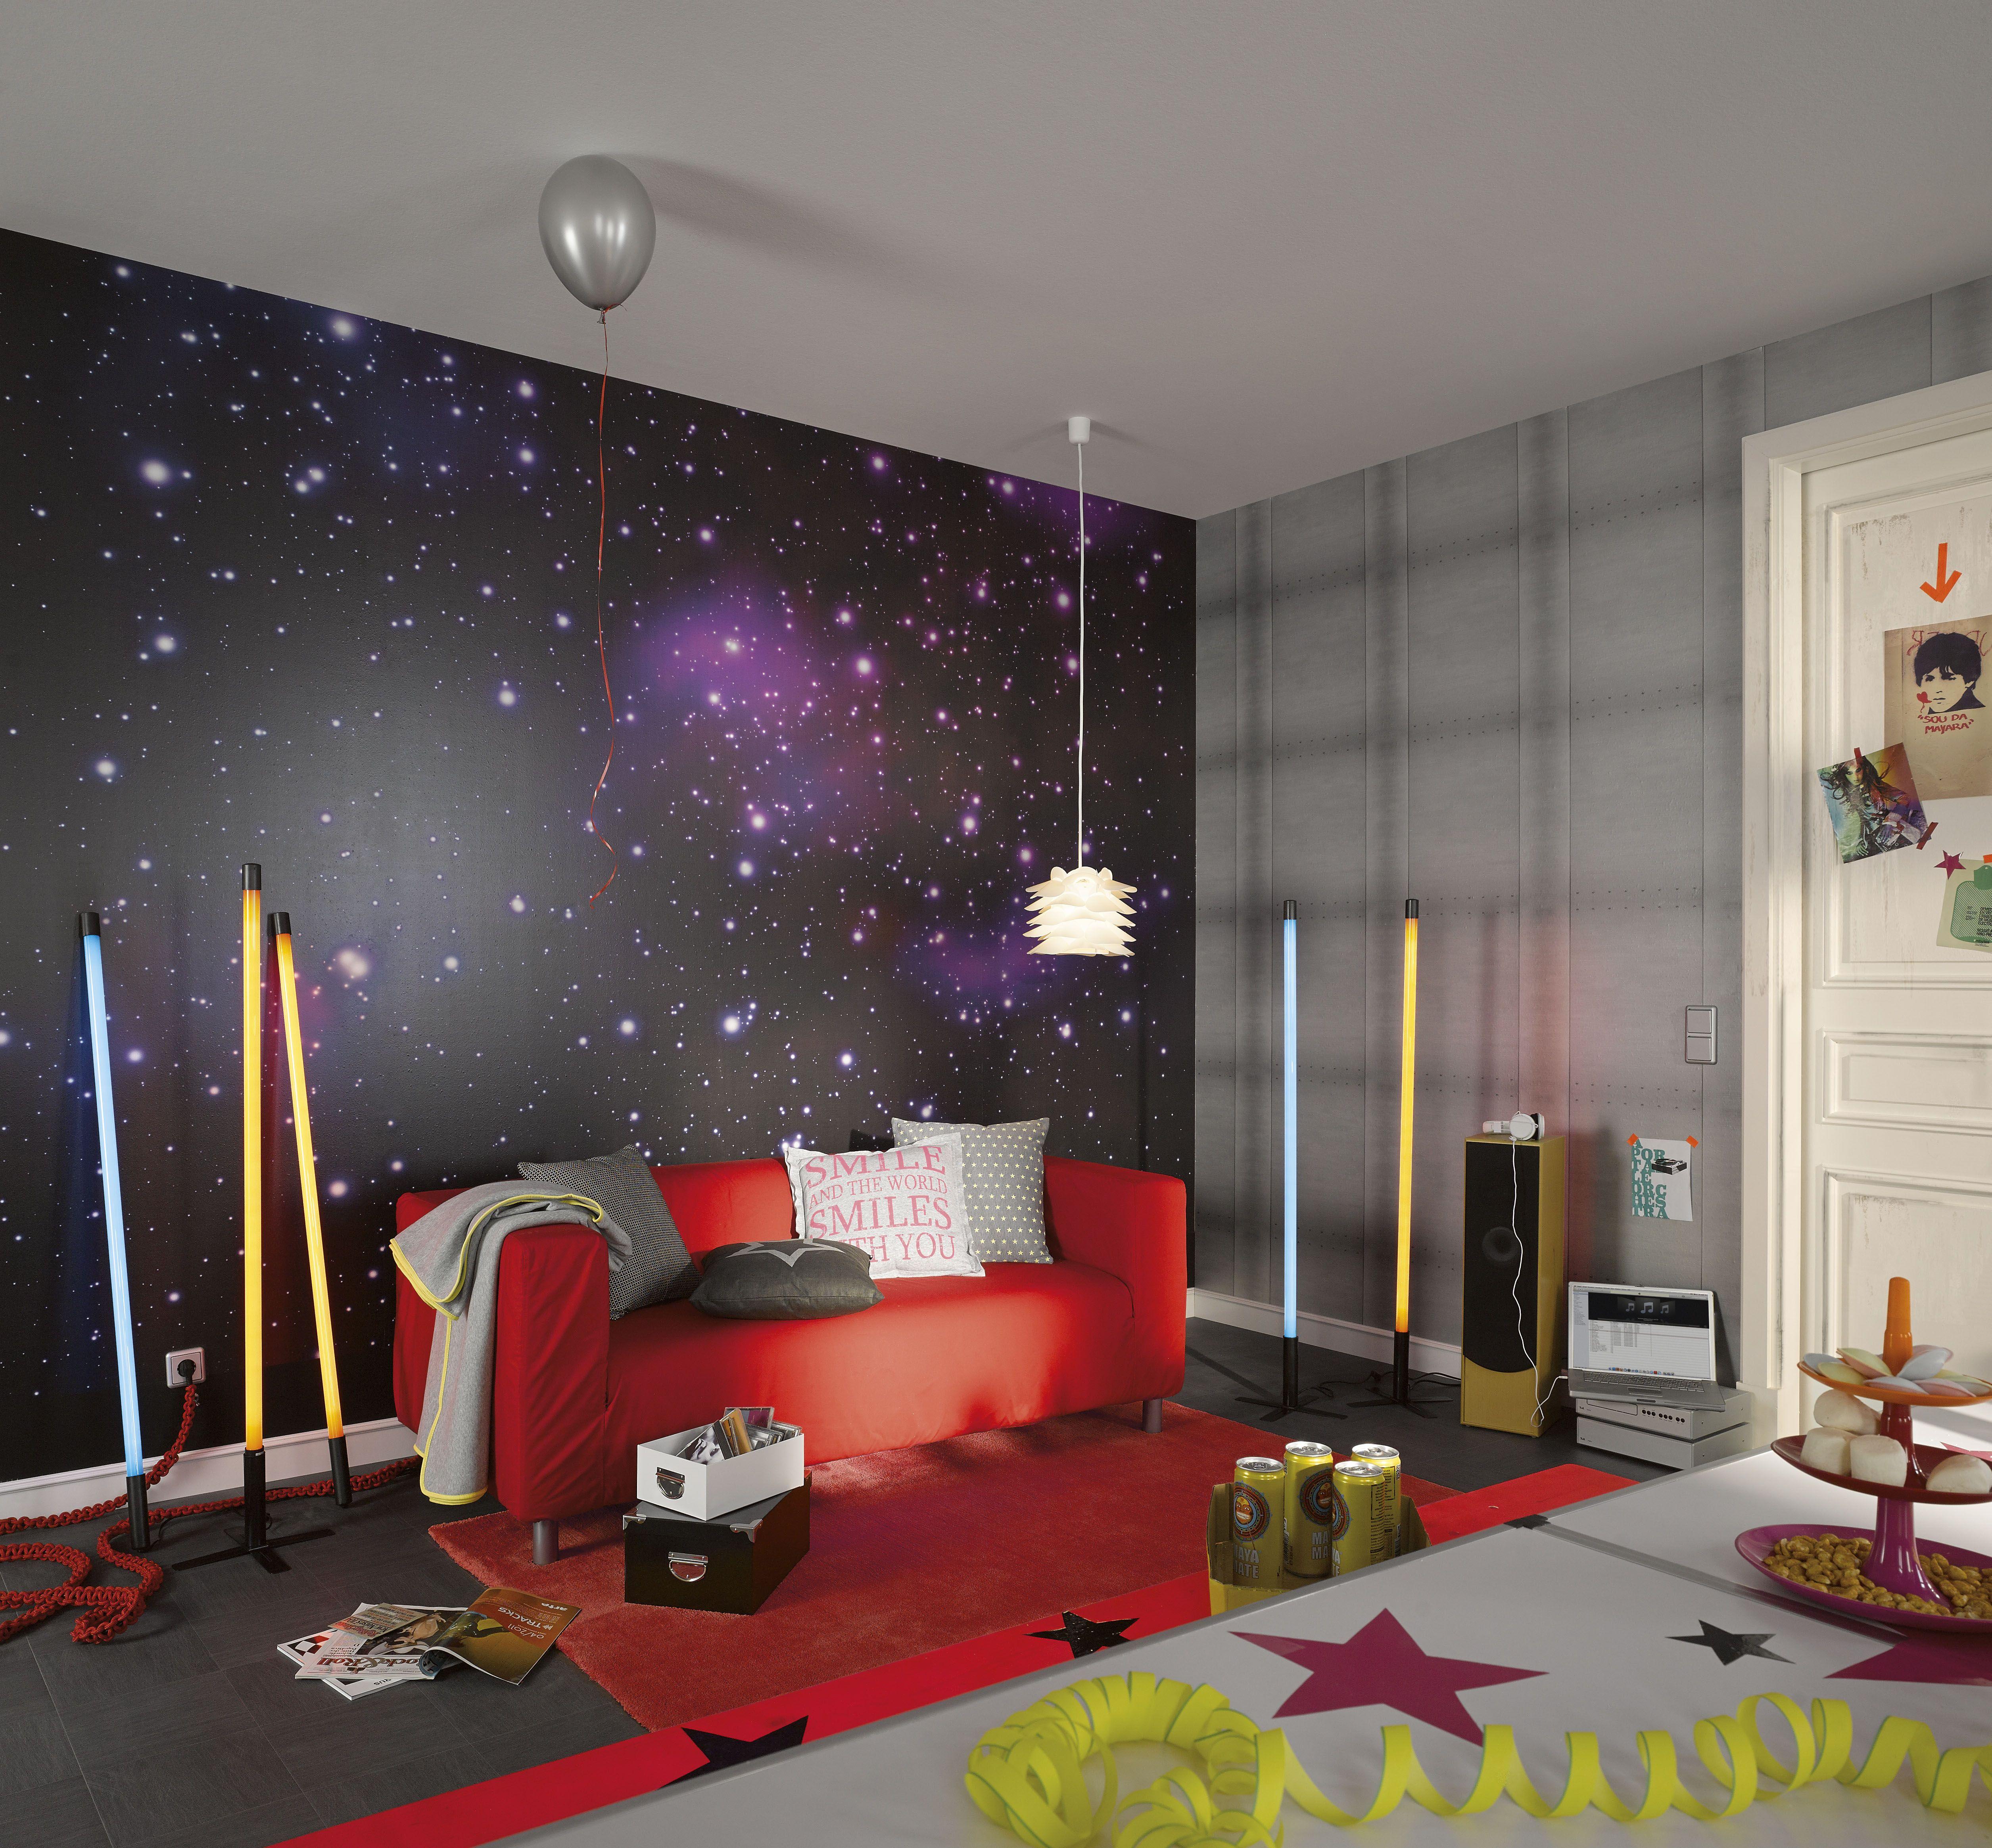 Ein Hauch Star Wars Für Deine Vier Wände! HORNBACH Zeigt Dir, Wie Du Dein  Universum Gestalten Kannst.